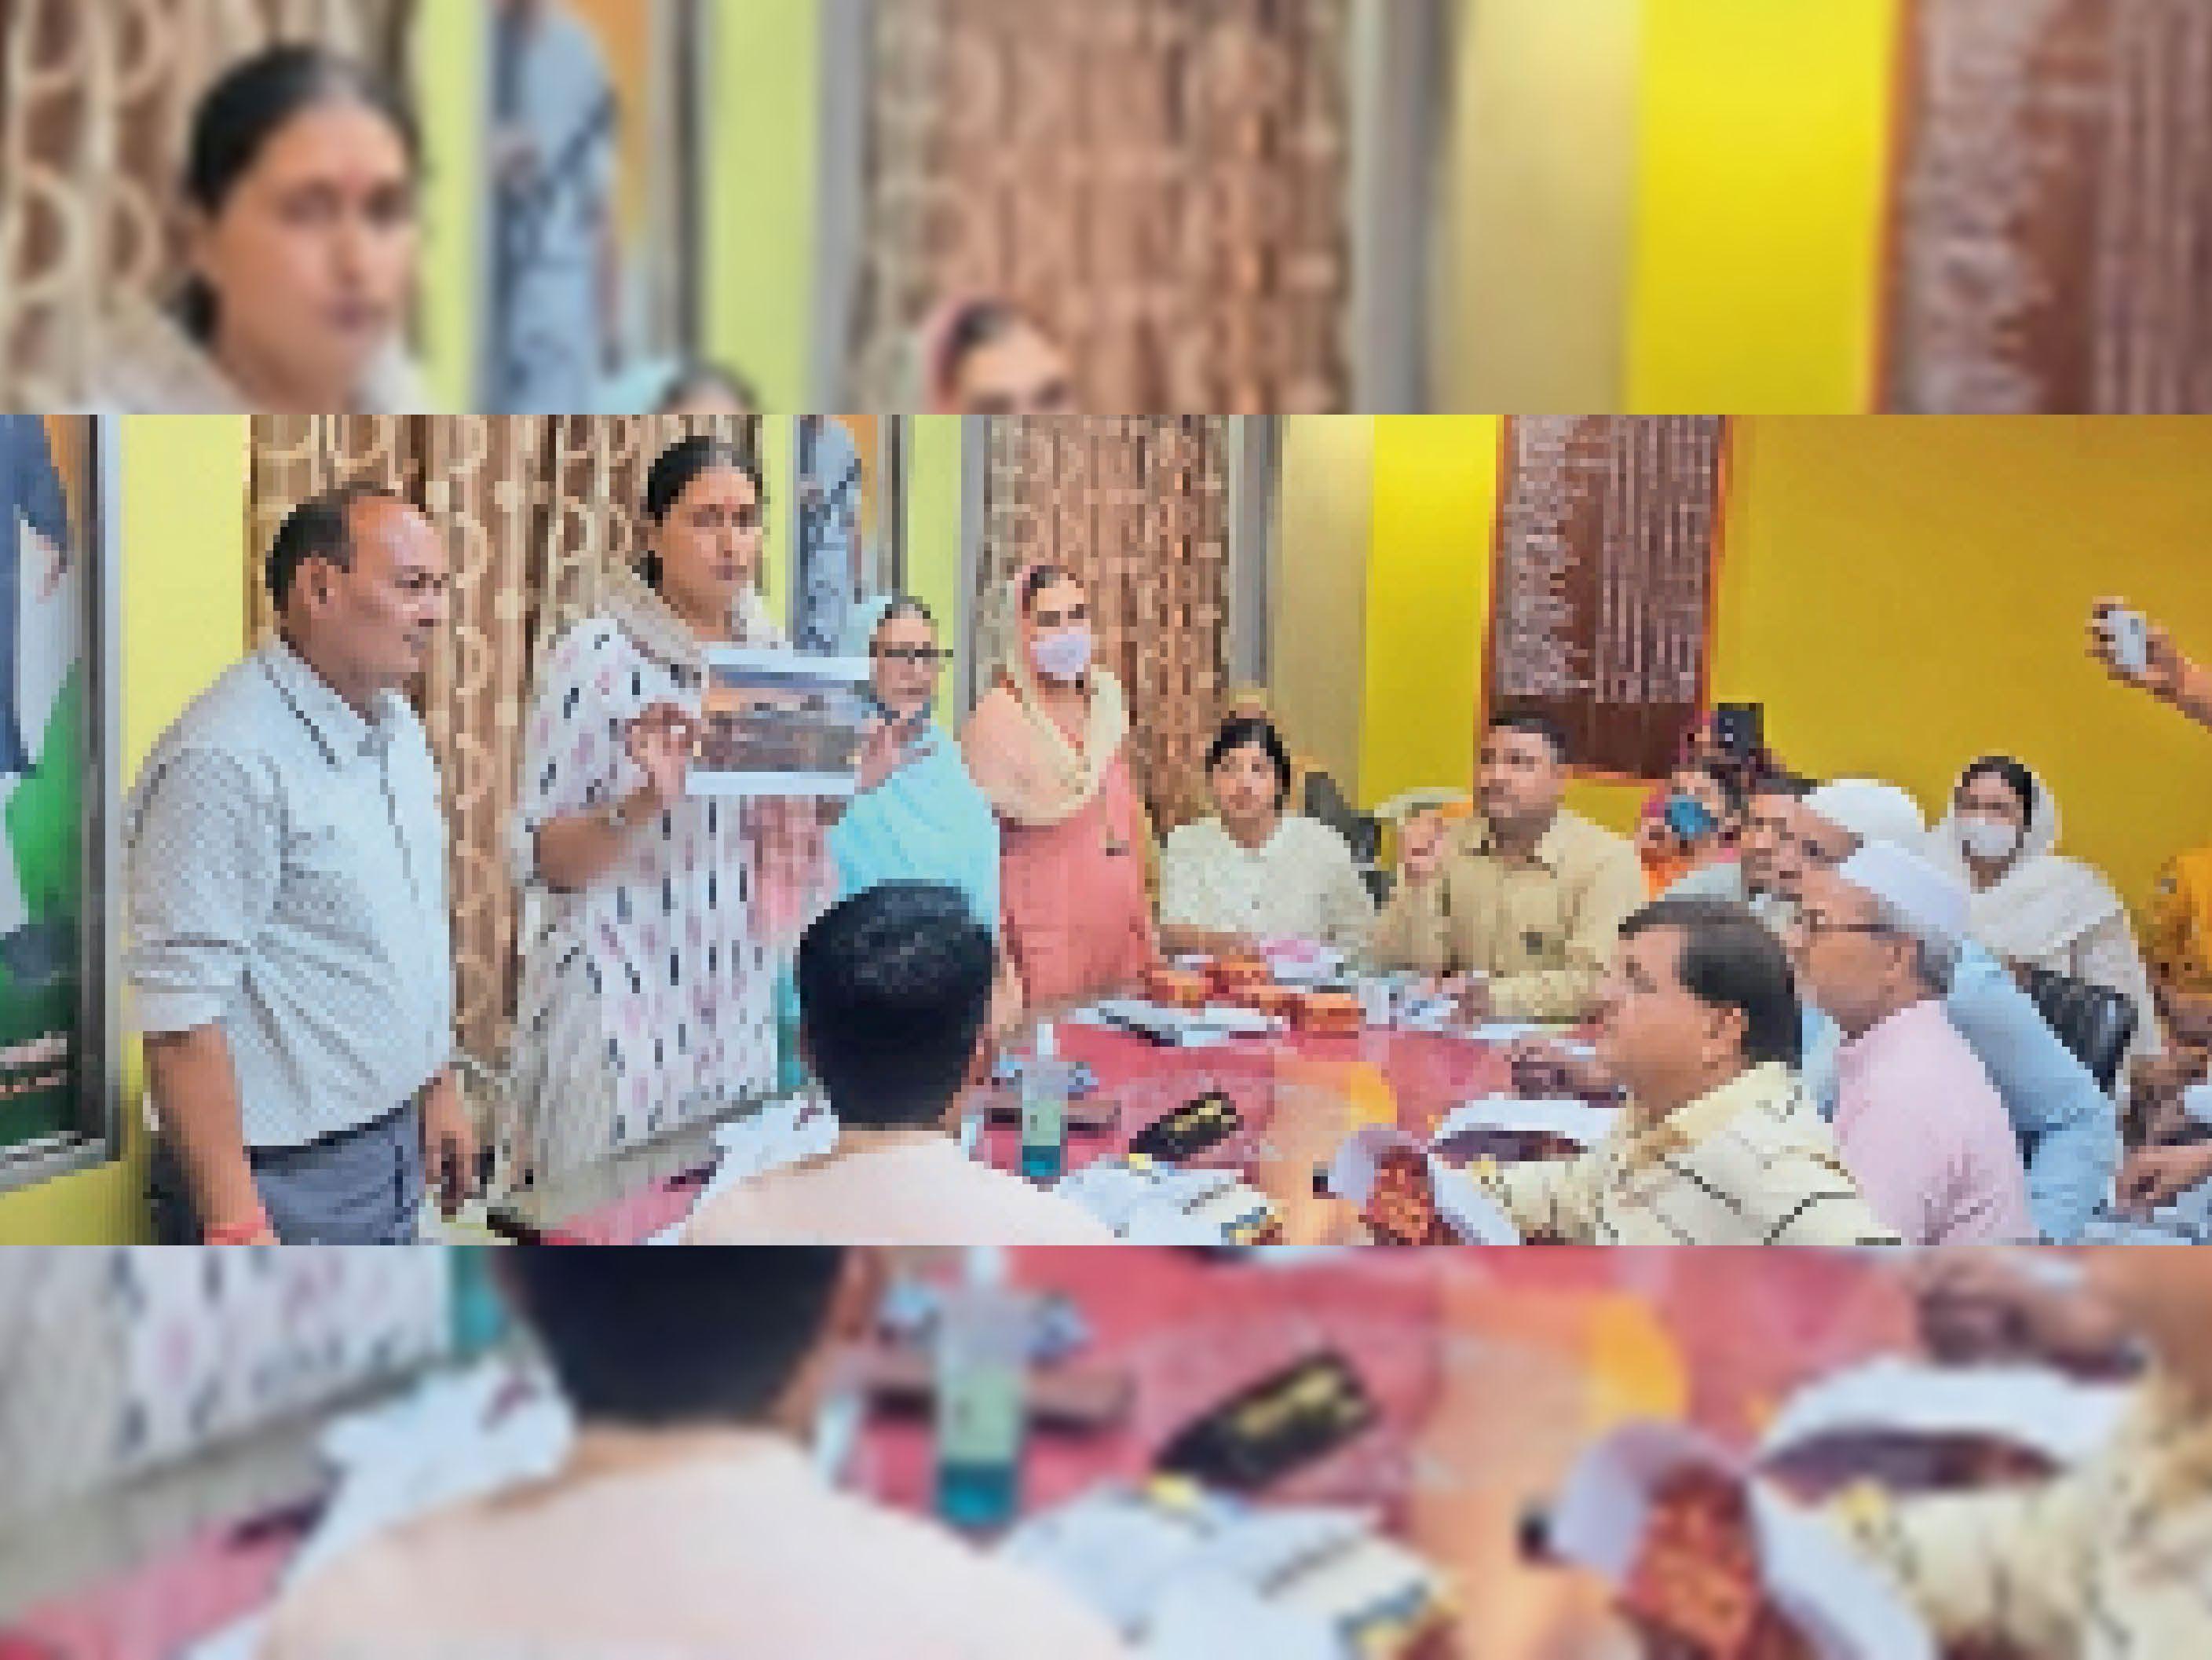 पालिका की बैठक में पार्षदों को नए भवन का नक्शा दिखातीं विधायक डॉ. कृष्णा पूनिया। - Dainik Bhaskar